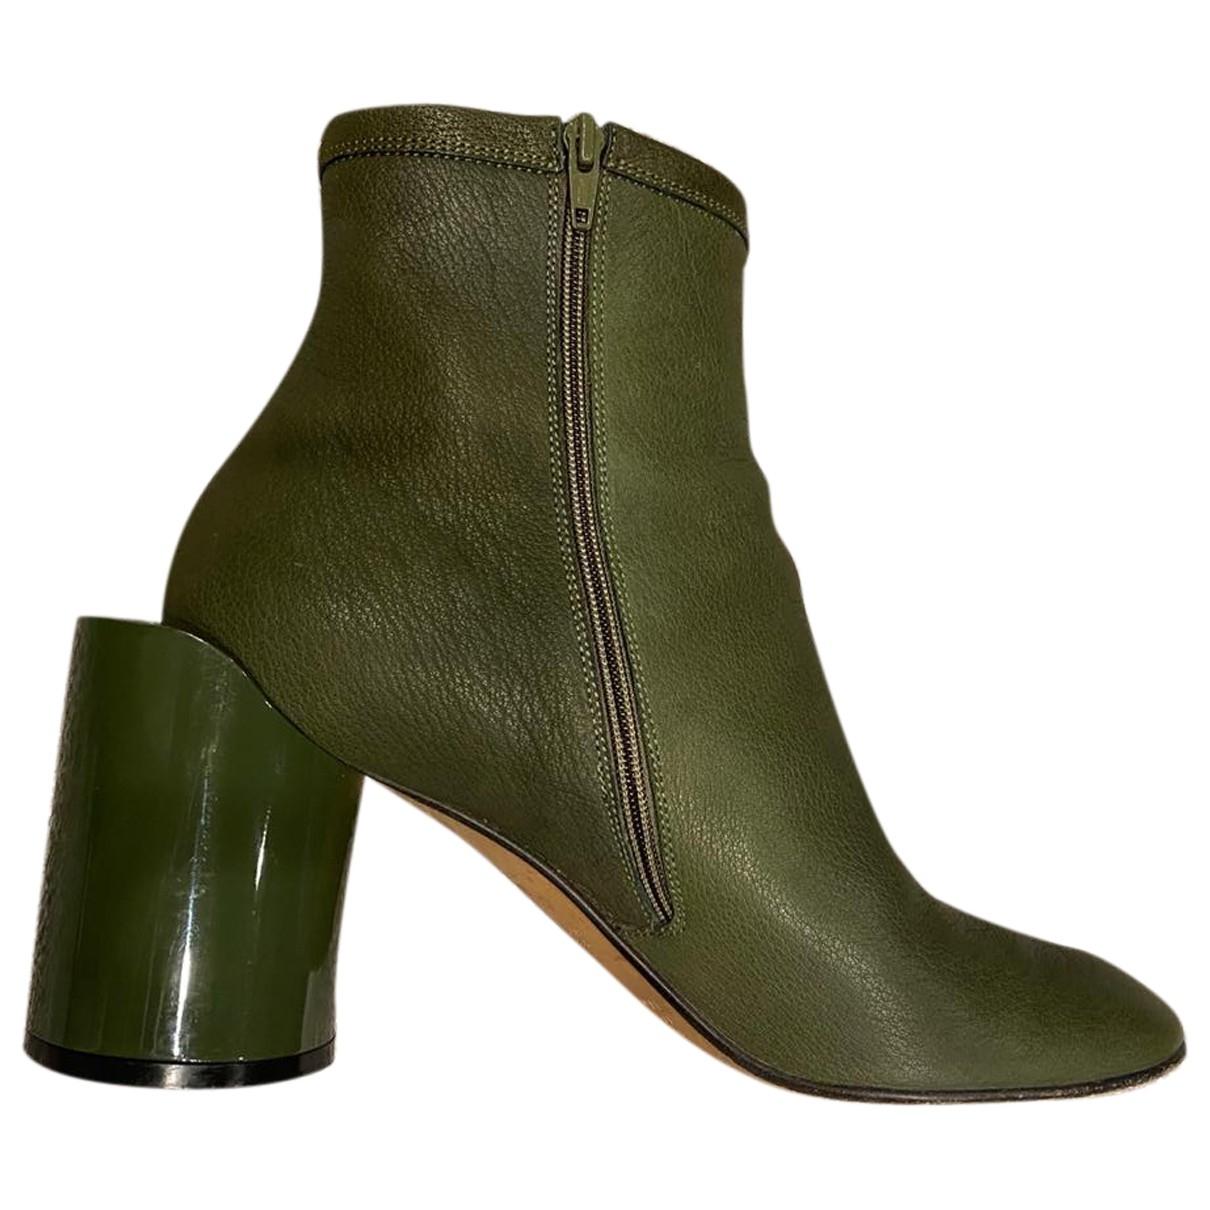 Maison Martin Margiela - Boots   pour femme en cuir - kaki